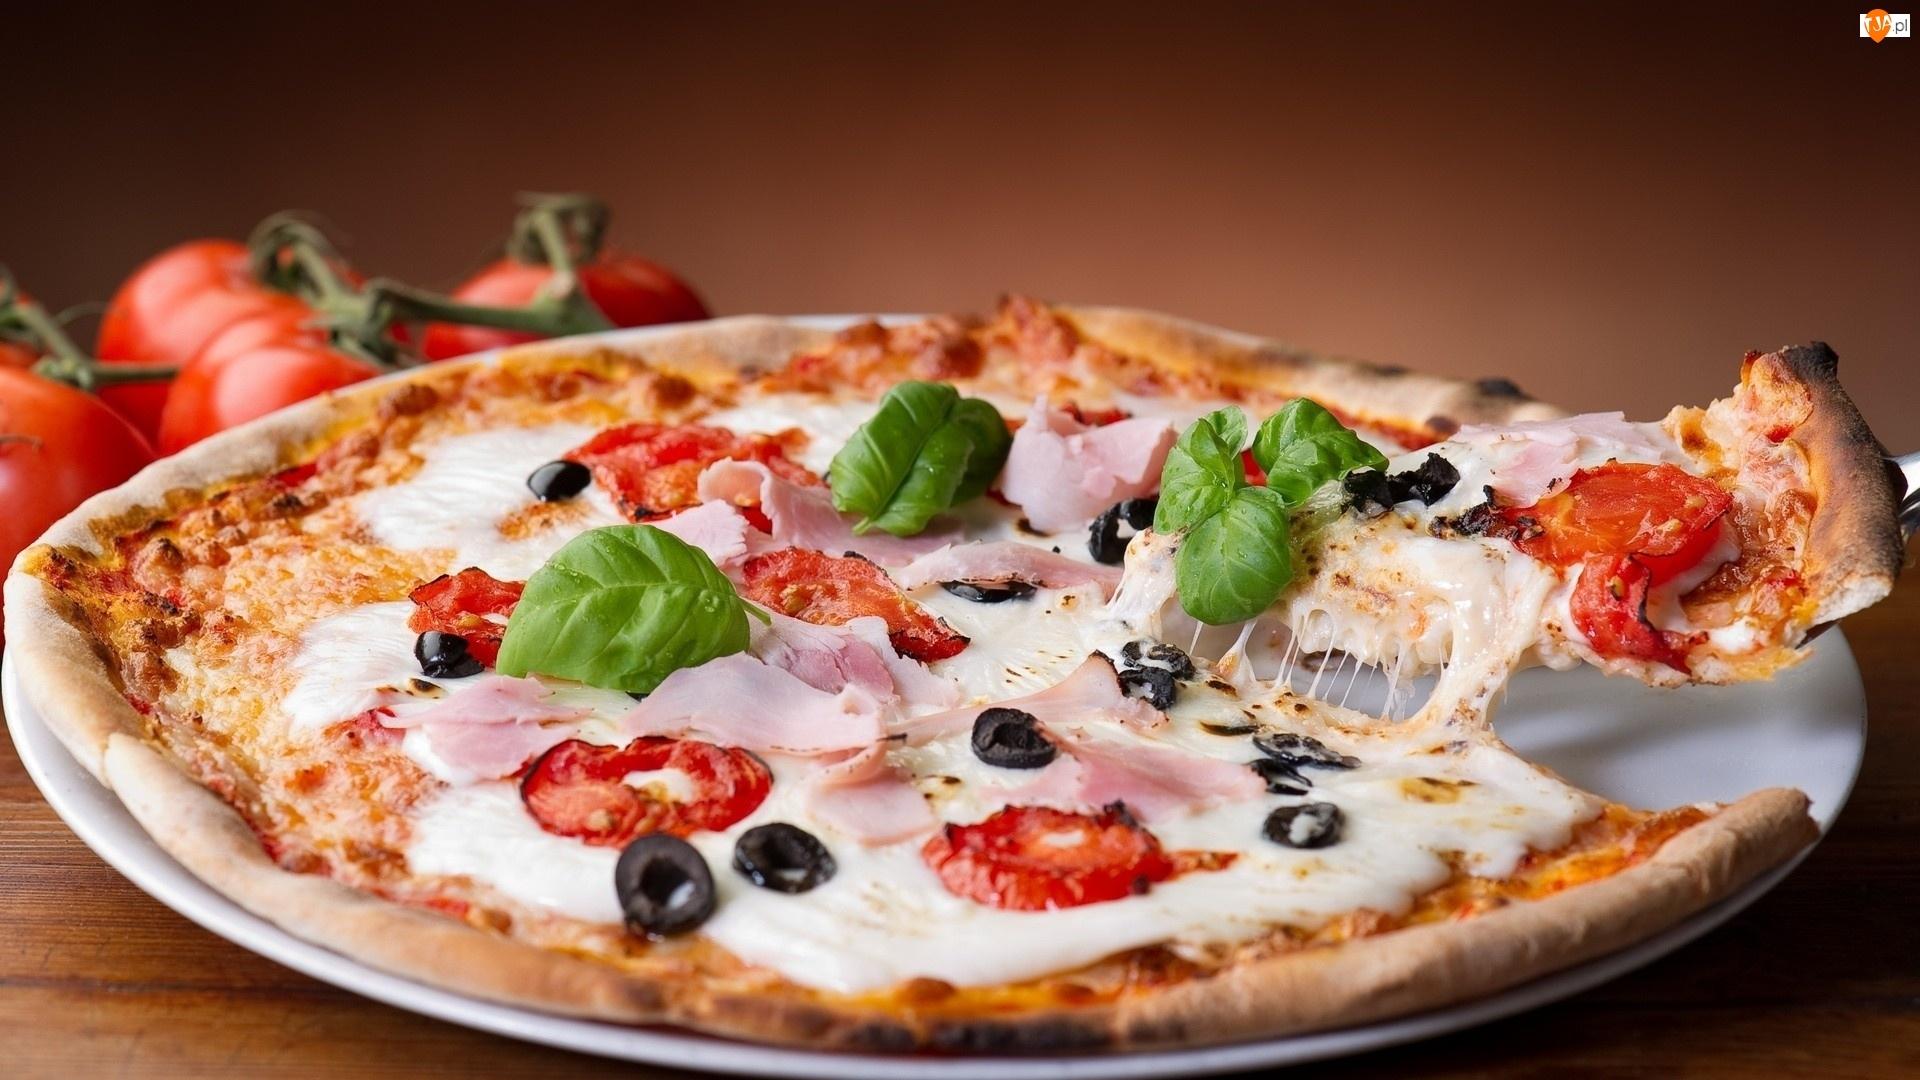 Oliwki, Bazylia, Pizza, Ser, Szynka, Pomidory